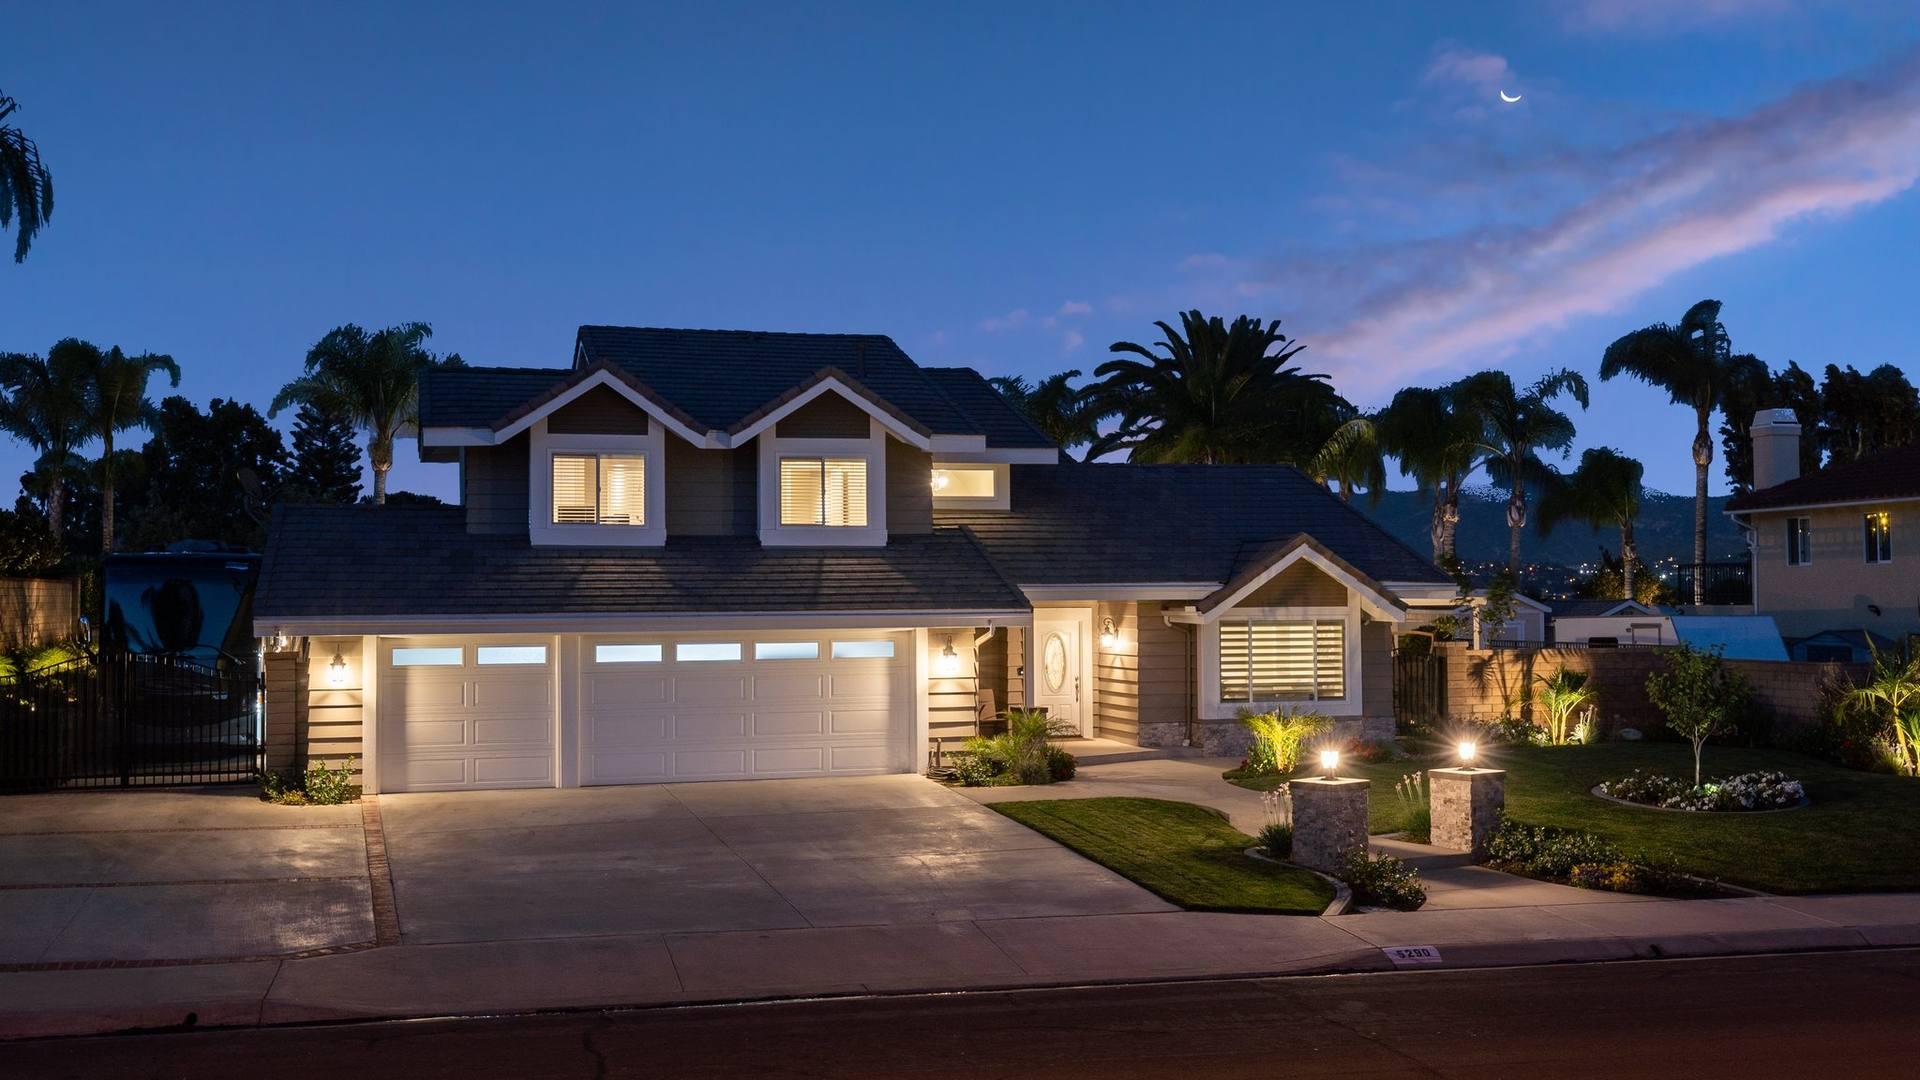 5290 Paseo Panorama, Yorba Linda, CA 92887, USA